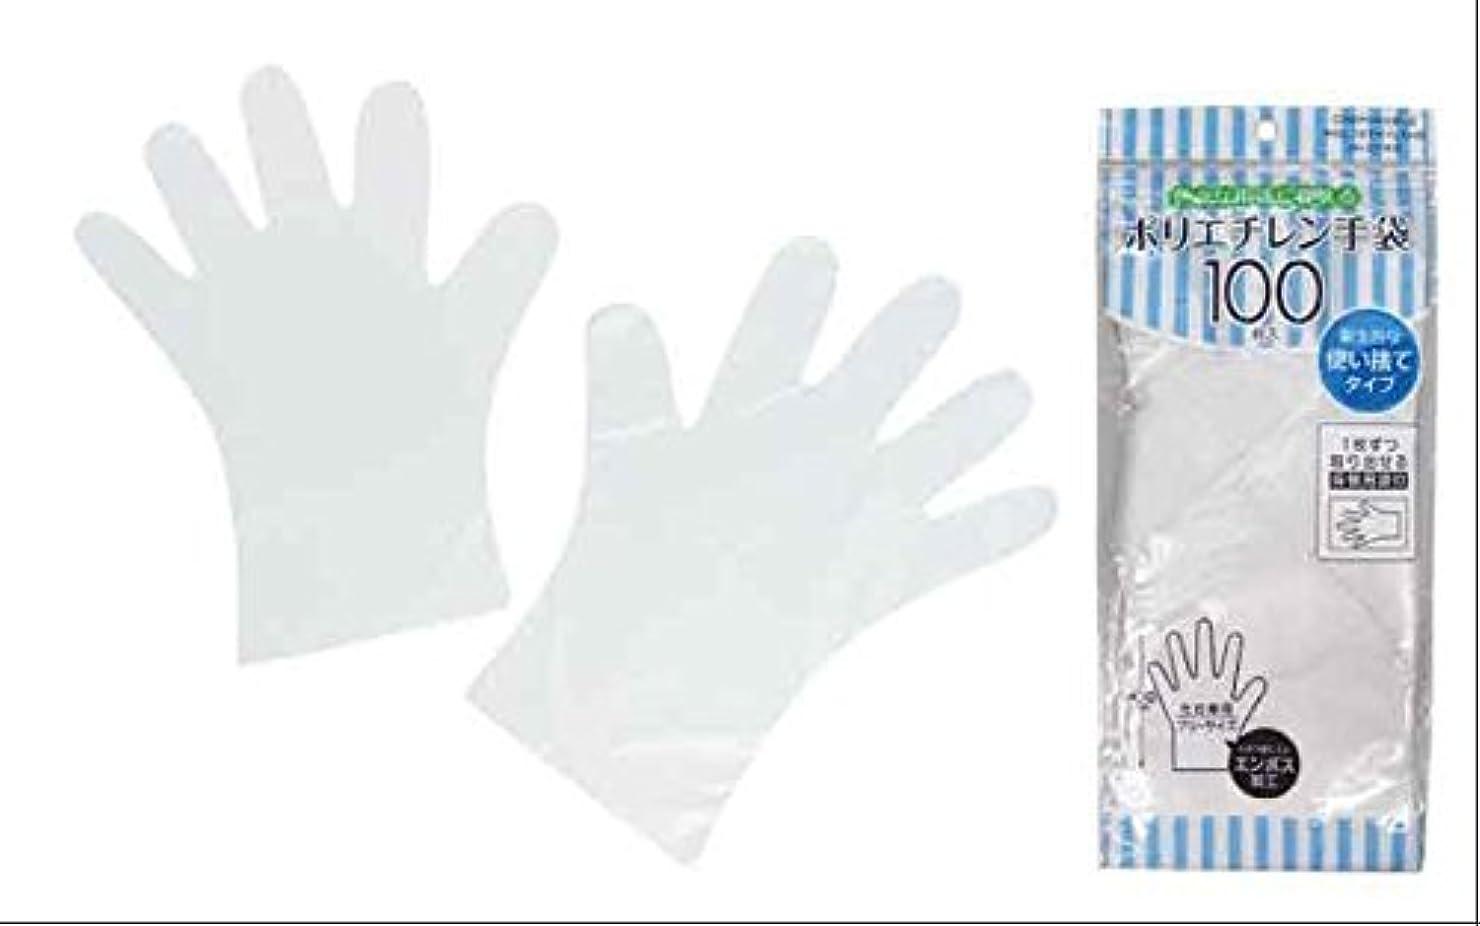 現金矛盾応用使い捨て手袋 100P ポリエチレン手袋【介護用品】【衛生用品】7262